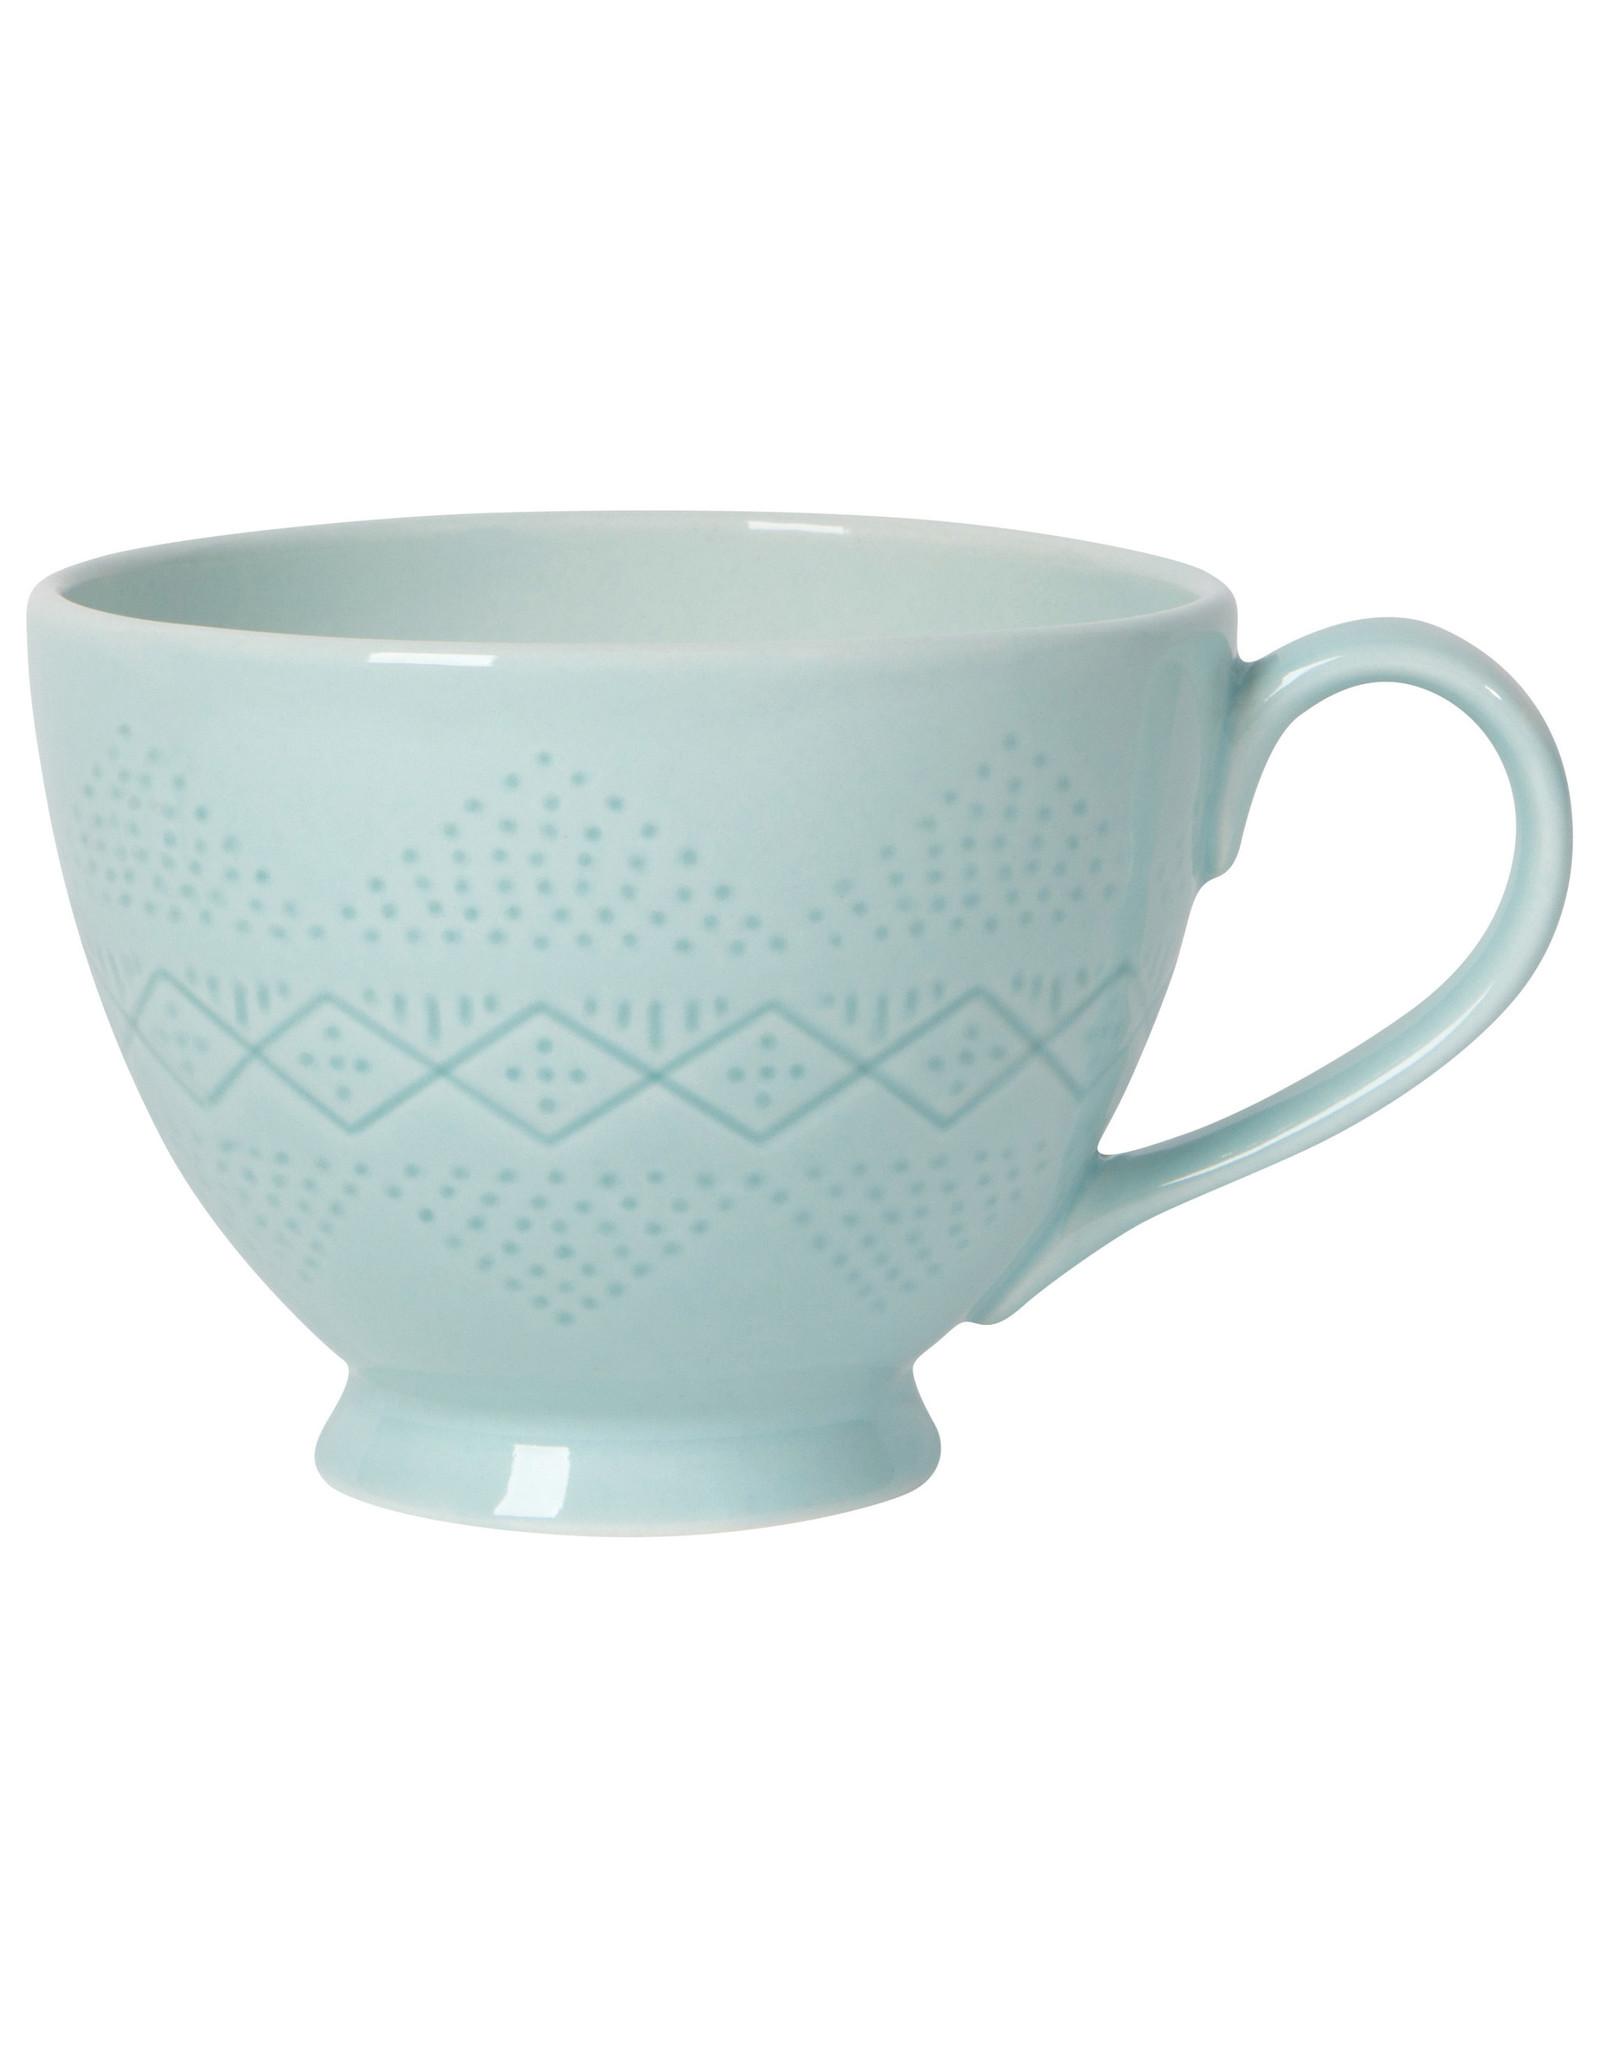 Danica - Adorn Mug